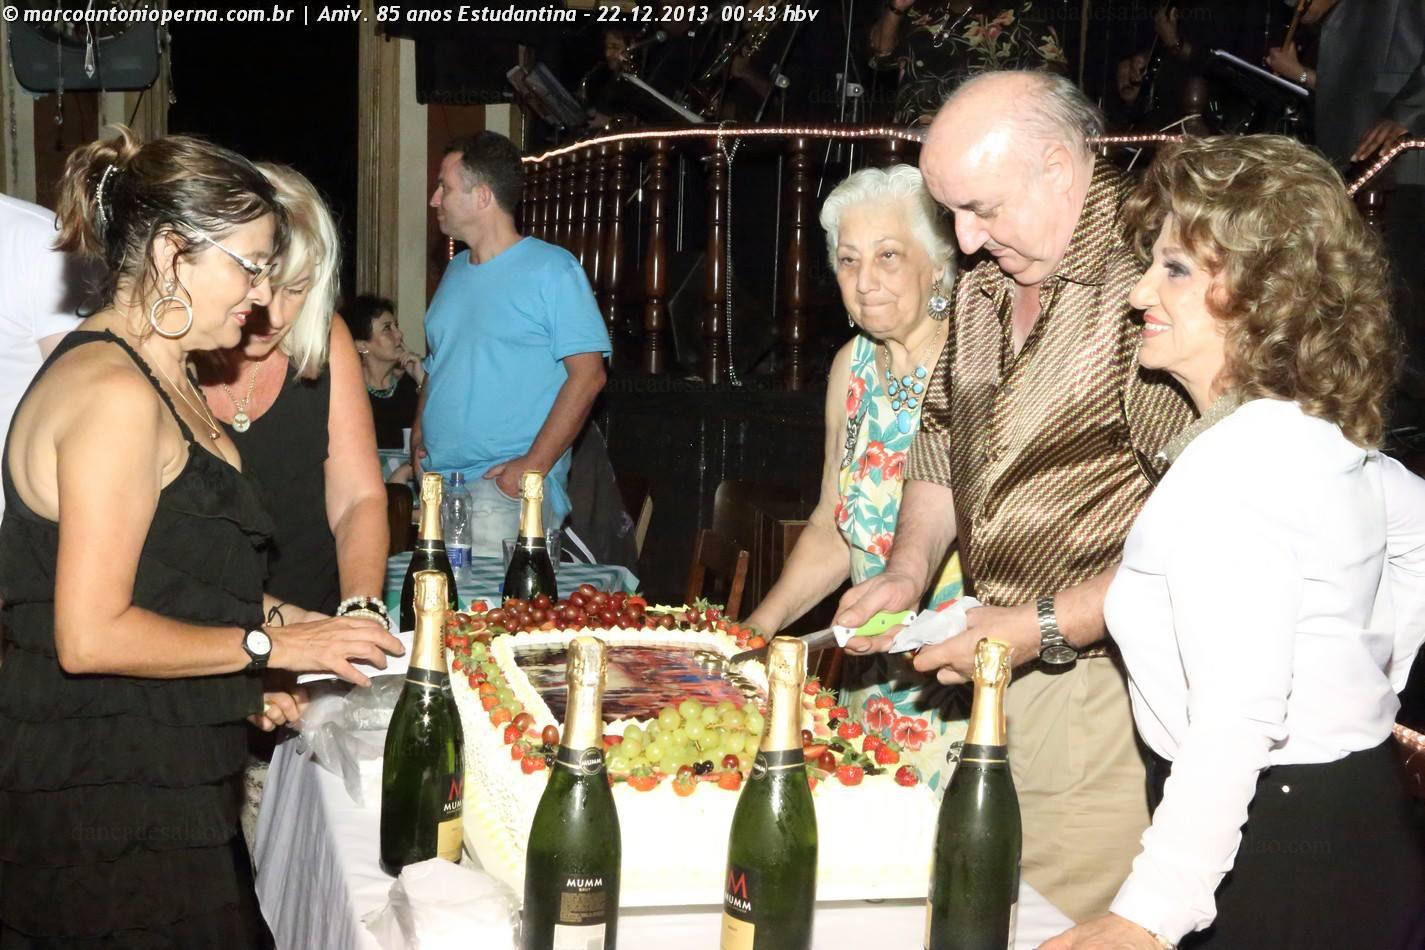 Aniversário 85 anos da Estudantina - Rio de Janeiro - RJ - 21.12.2013.